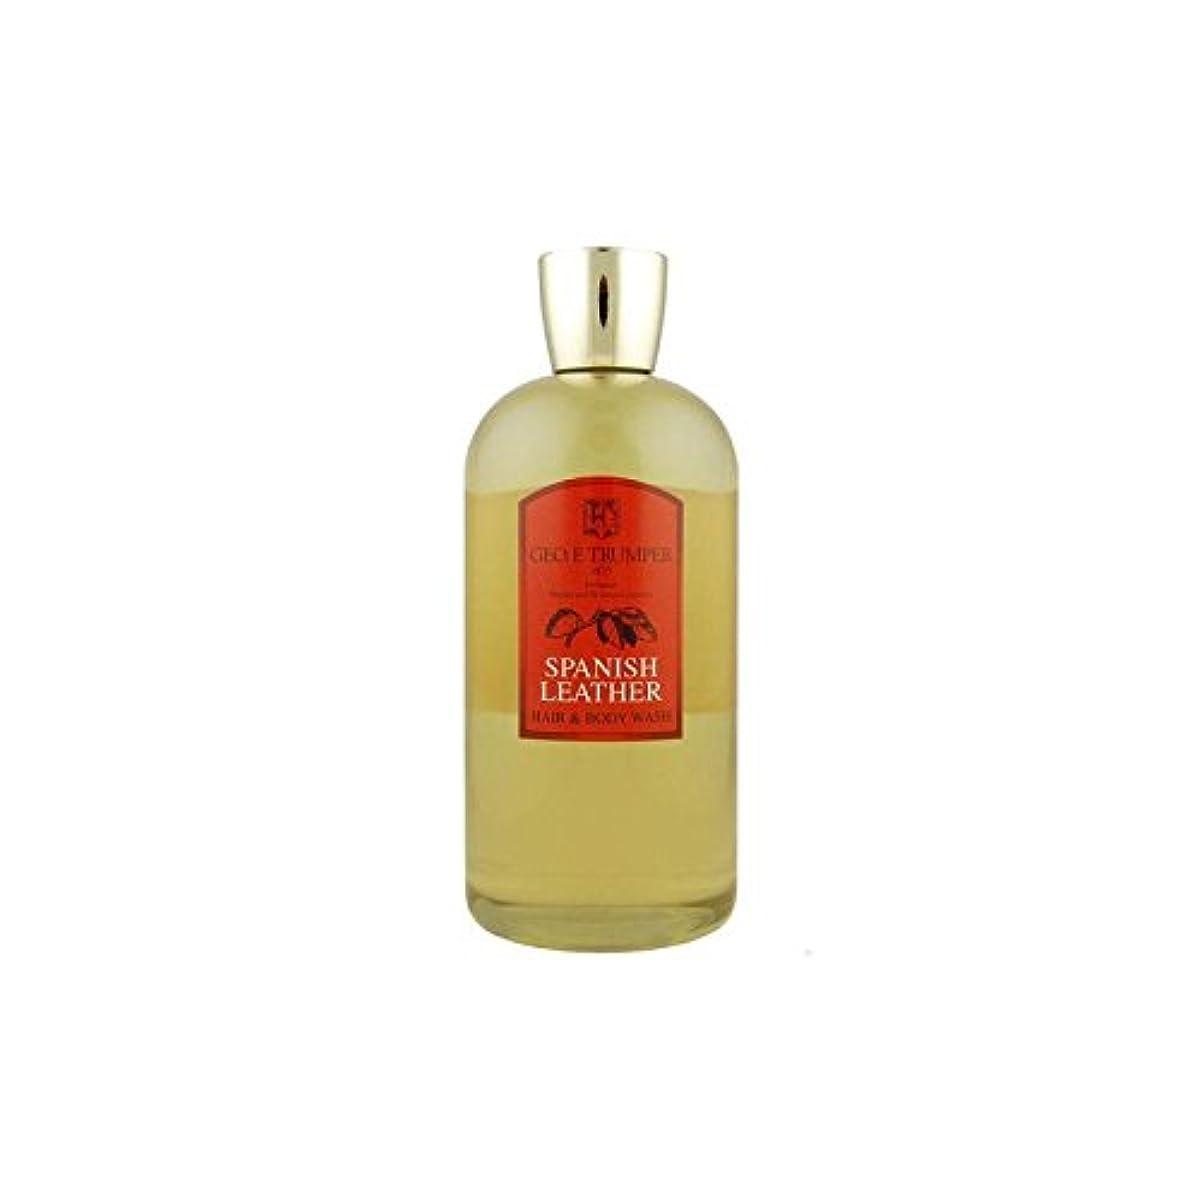 相続人ピンポイントほこりっぽいTrumpers Spanish Leather Hair and Body Wash - 500mlTravel Bottle (Pack of 6) - 革の髪とボディウォッシュスペイン語 - 500ボトル x6 [...